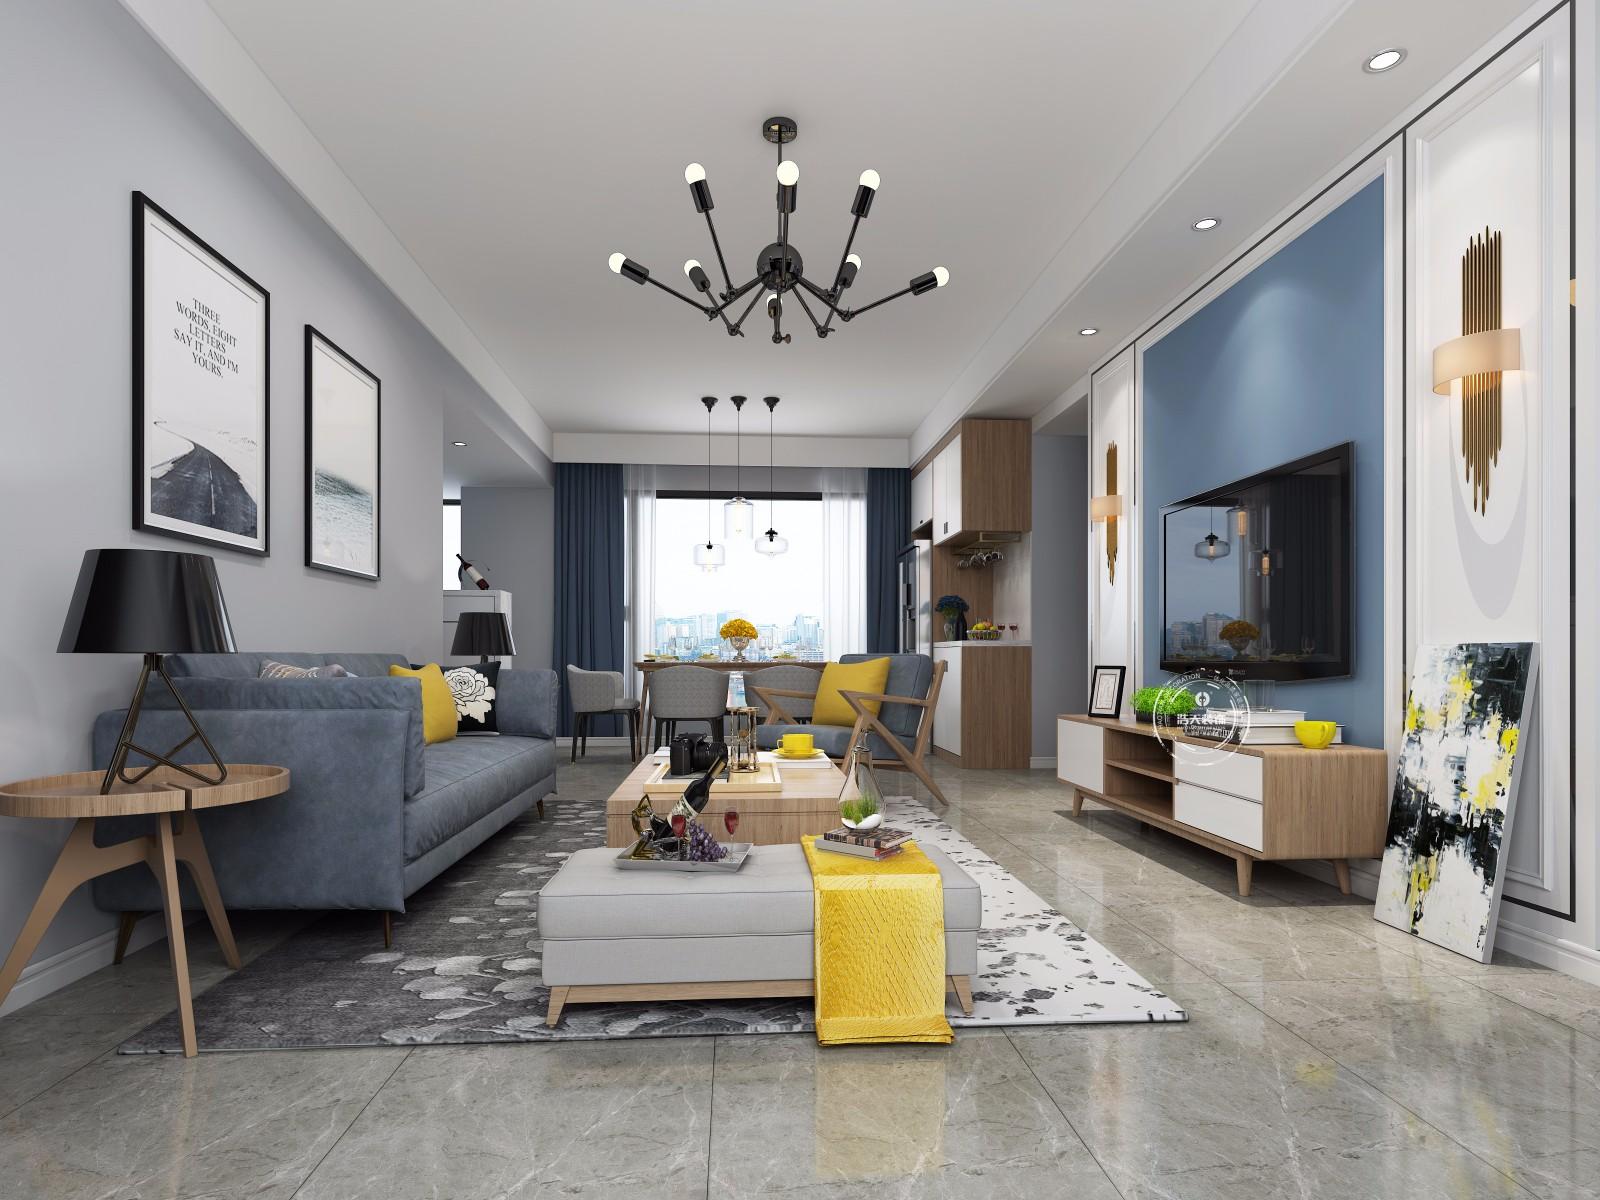 三居 客厅图片来自深圳浩天装饰在浩天装饰-壹城中心的分享